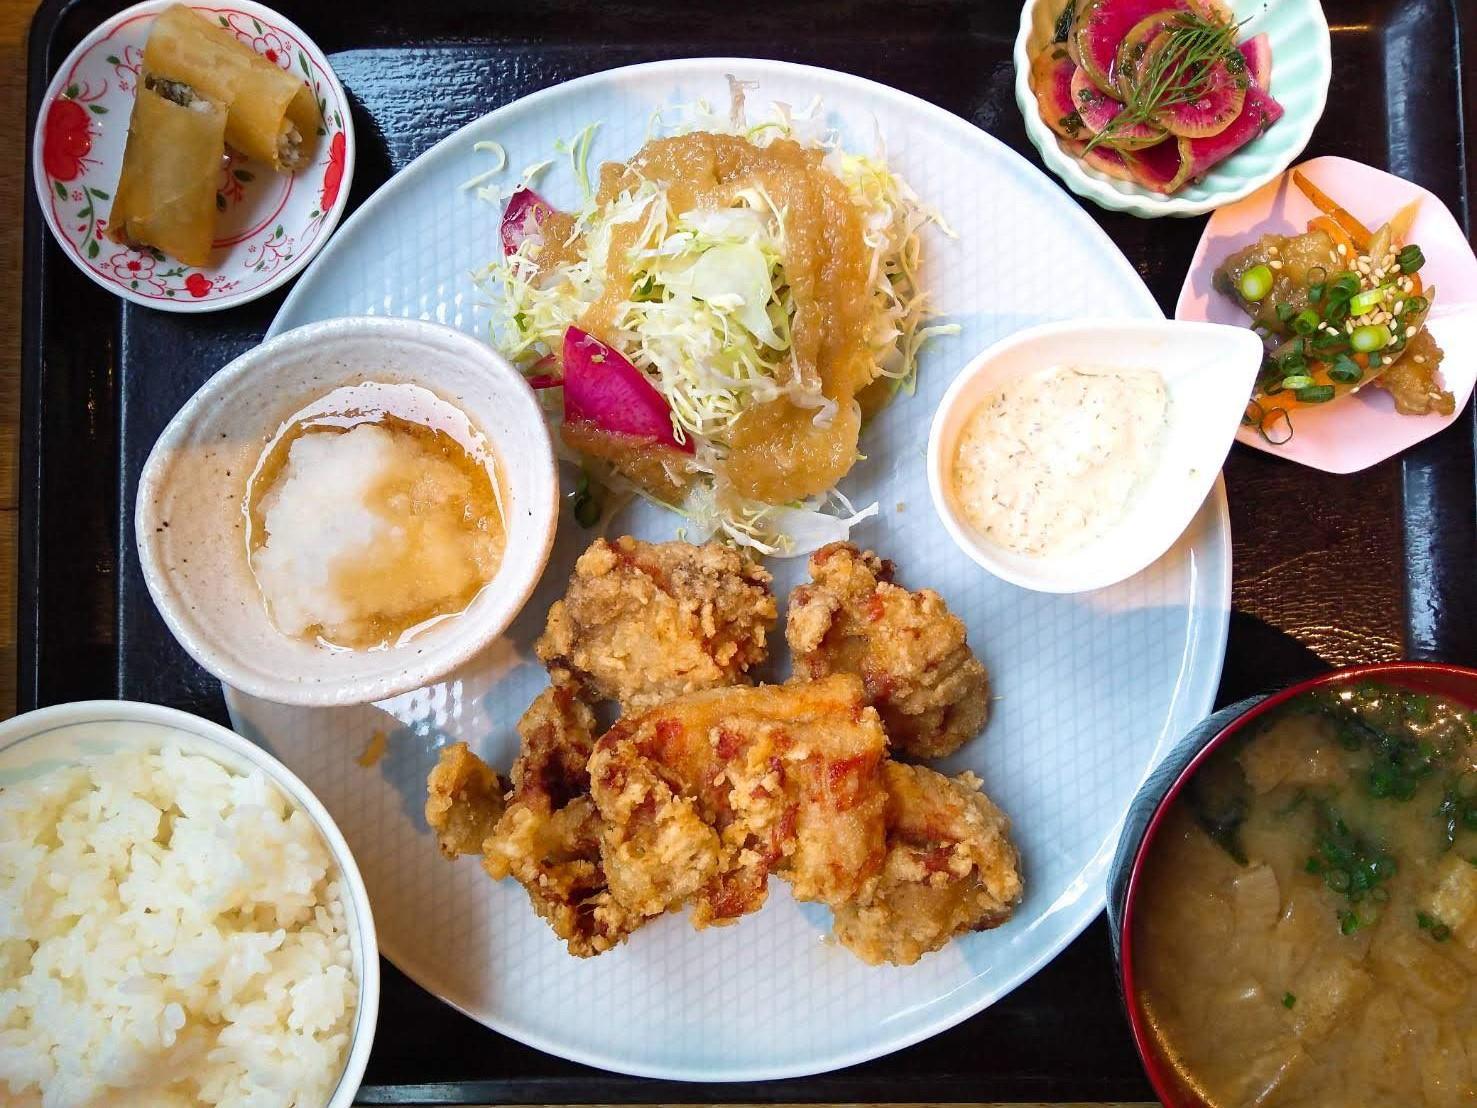 三鷹「ユーカリ食堂」のあべどりの唐揚げ定食